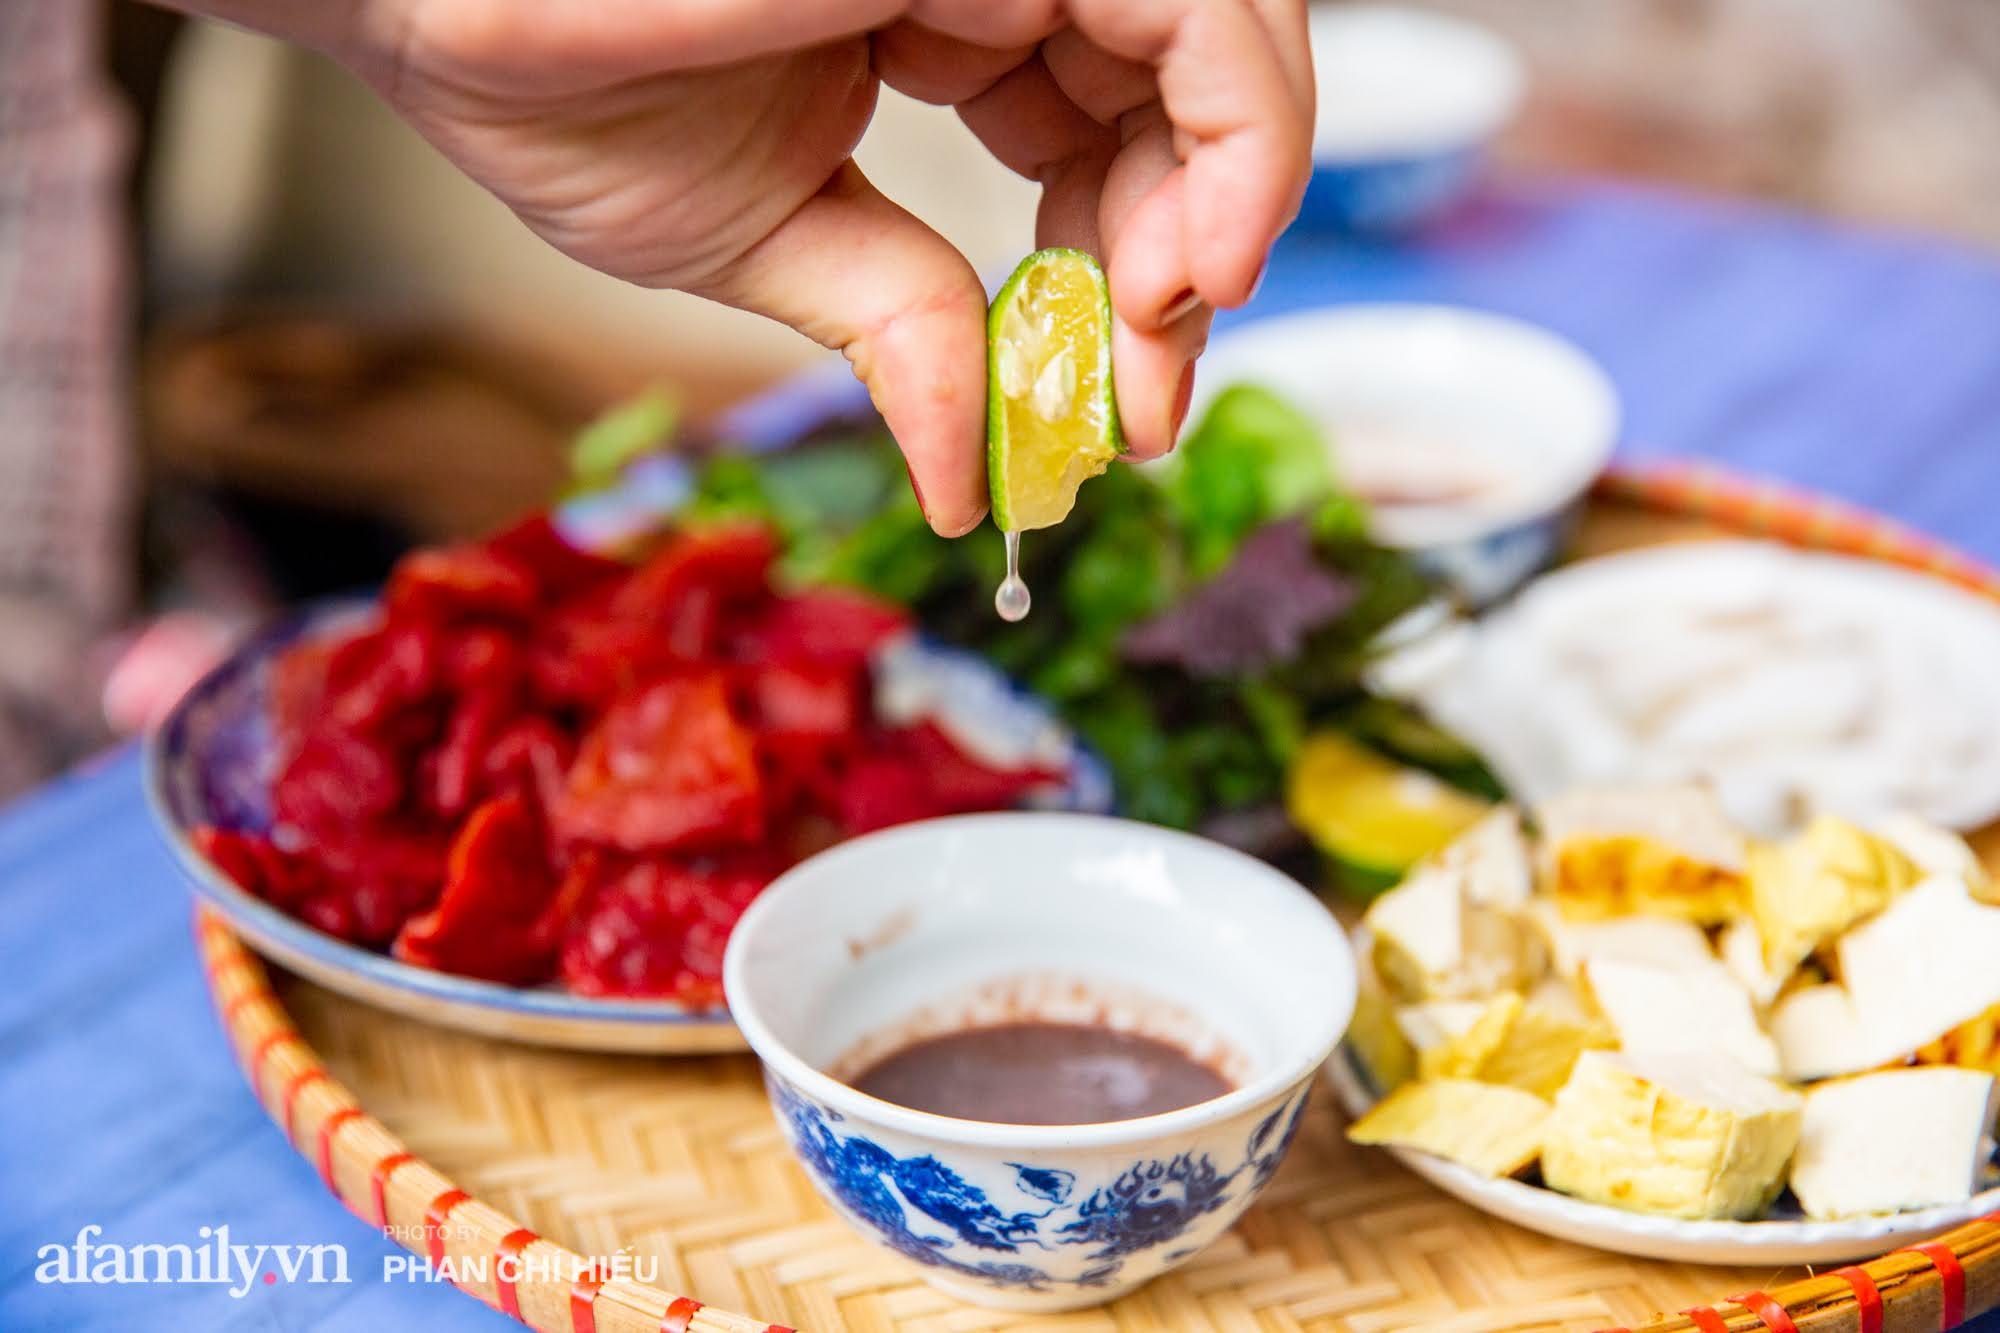 Bà chủ hàng sứa đỏ 3 đời người ở Hà Nội tiết lộ phần ngon nhất của con sứa khi rộ mùa, bật mí chỉ dùng dao tre thay vì dao thép để cắt sứa càng khiến món ăn thêm bí hiểm - Ảnh 6.